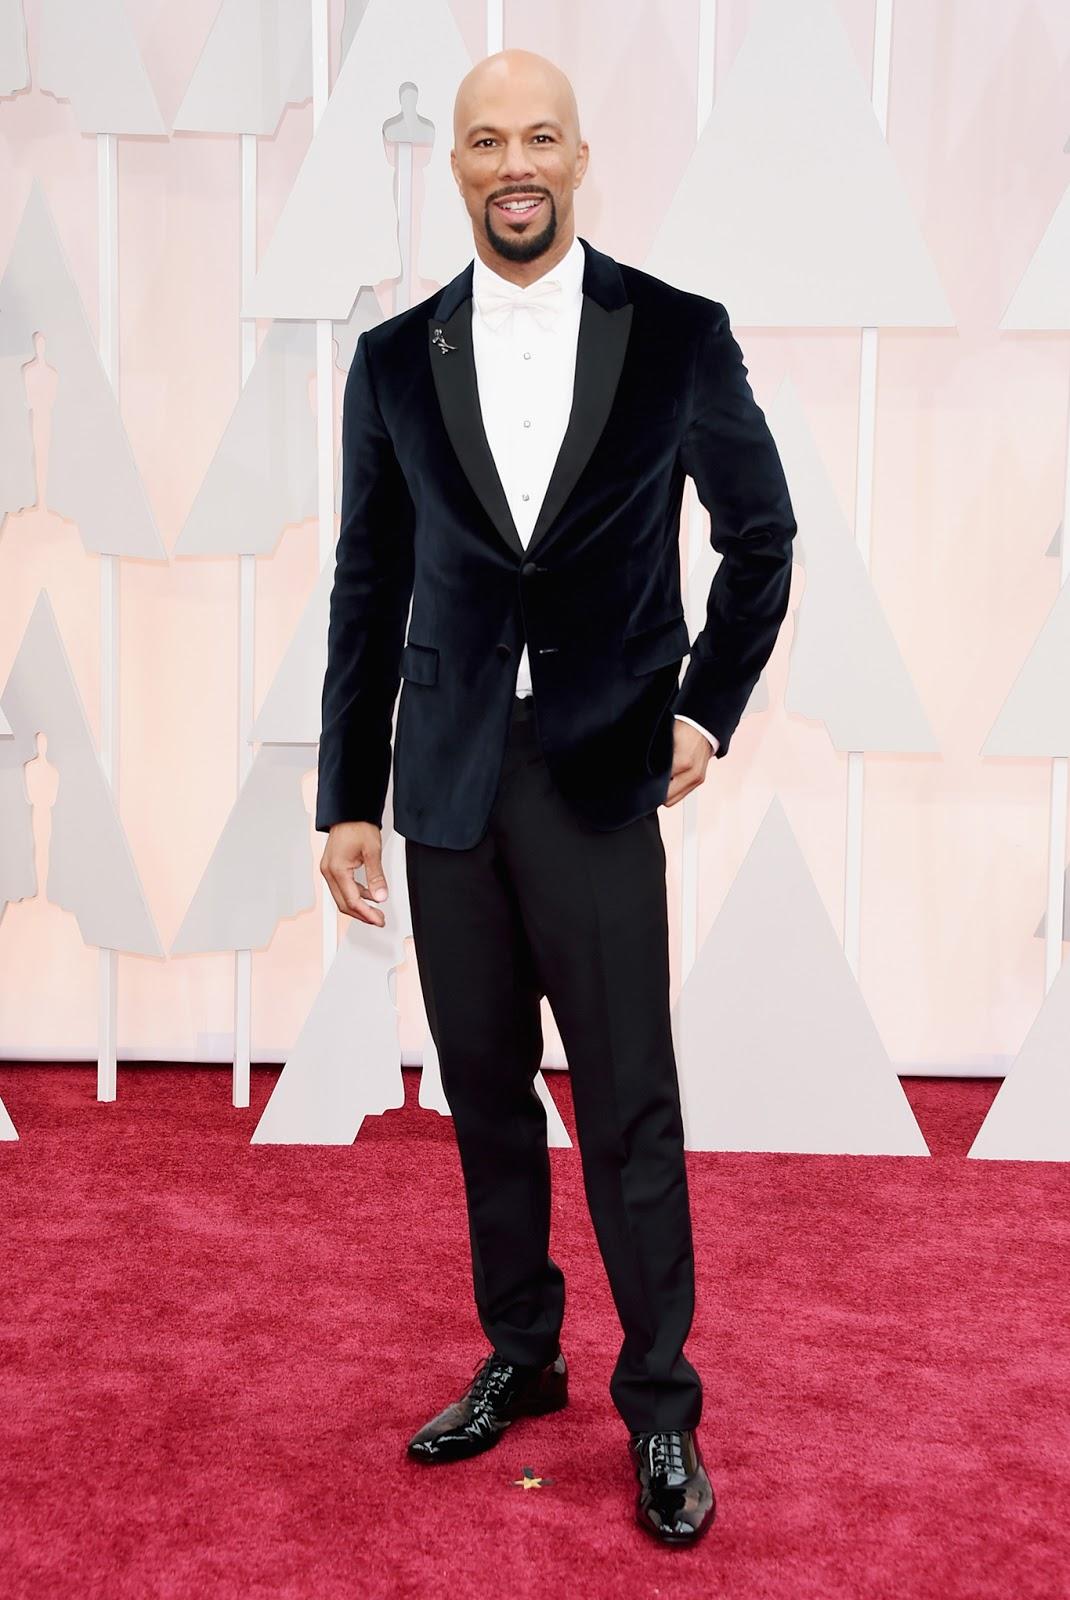 """""""And the Oscar goes to..."""": Blog NLDJ elege o homem mais bem vestido do Oscar 2015"""